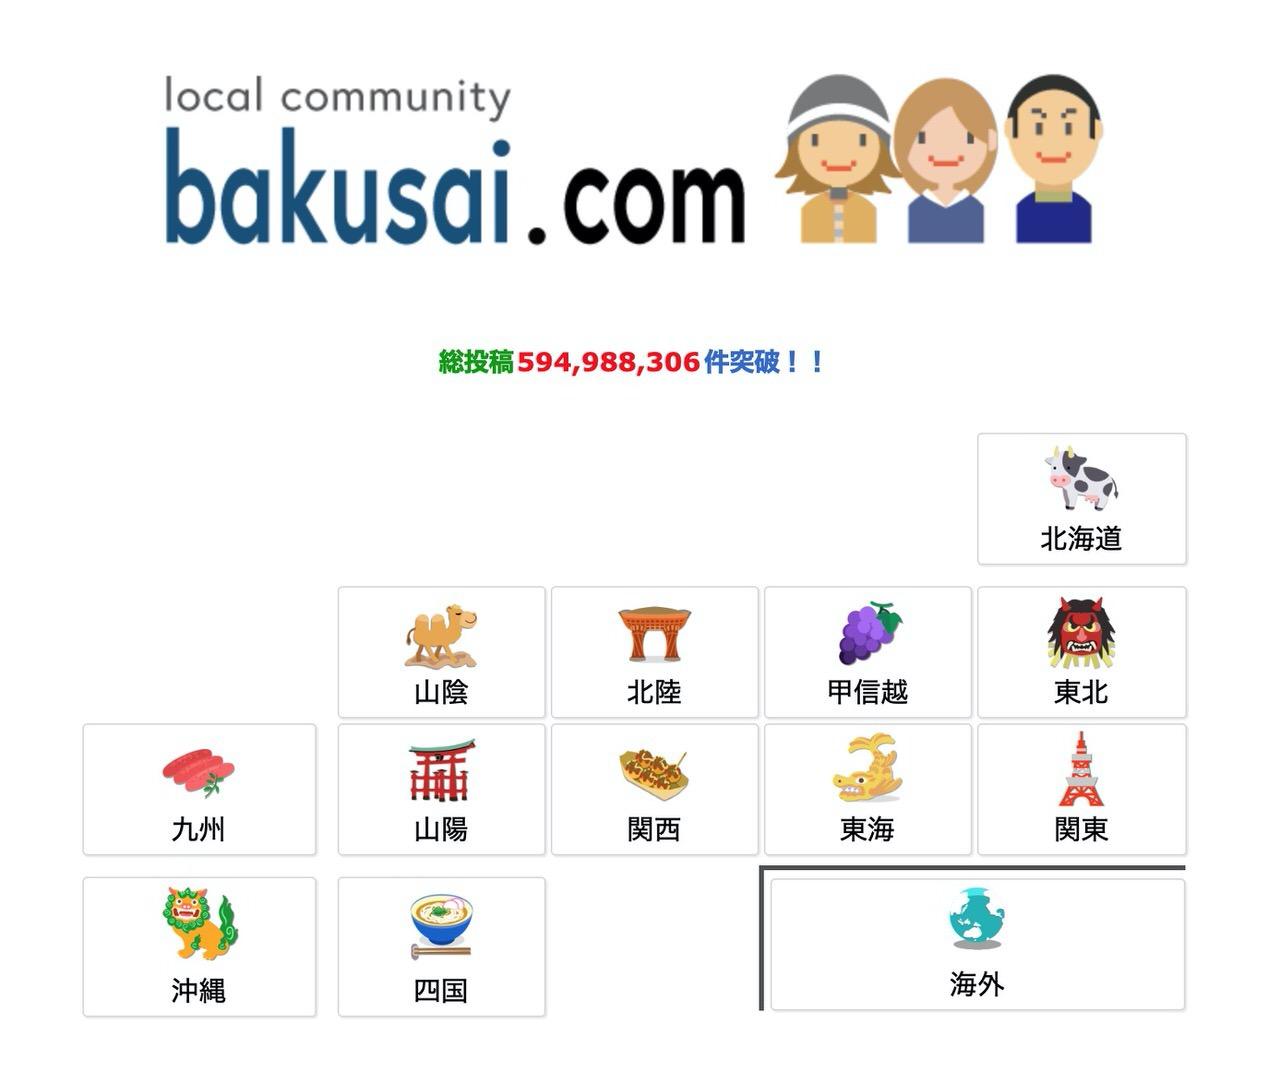 ローカルコミュニティサイト「爆サイ.com」運営会社社長の高岡早紀の兄が脱税で逮捕